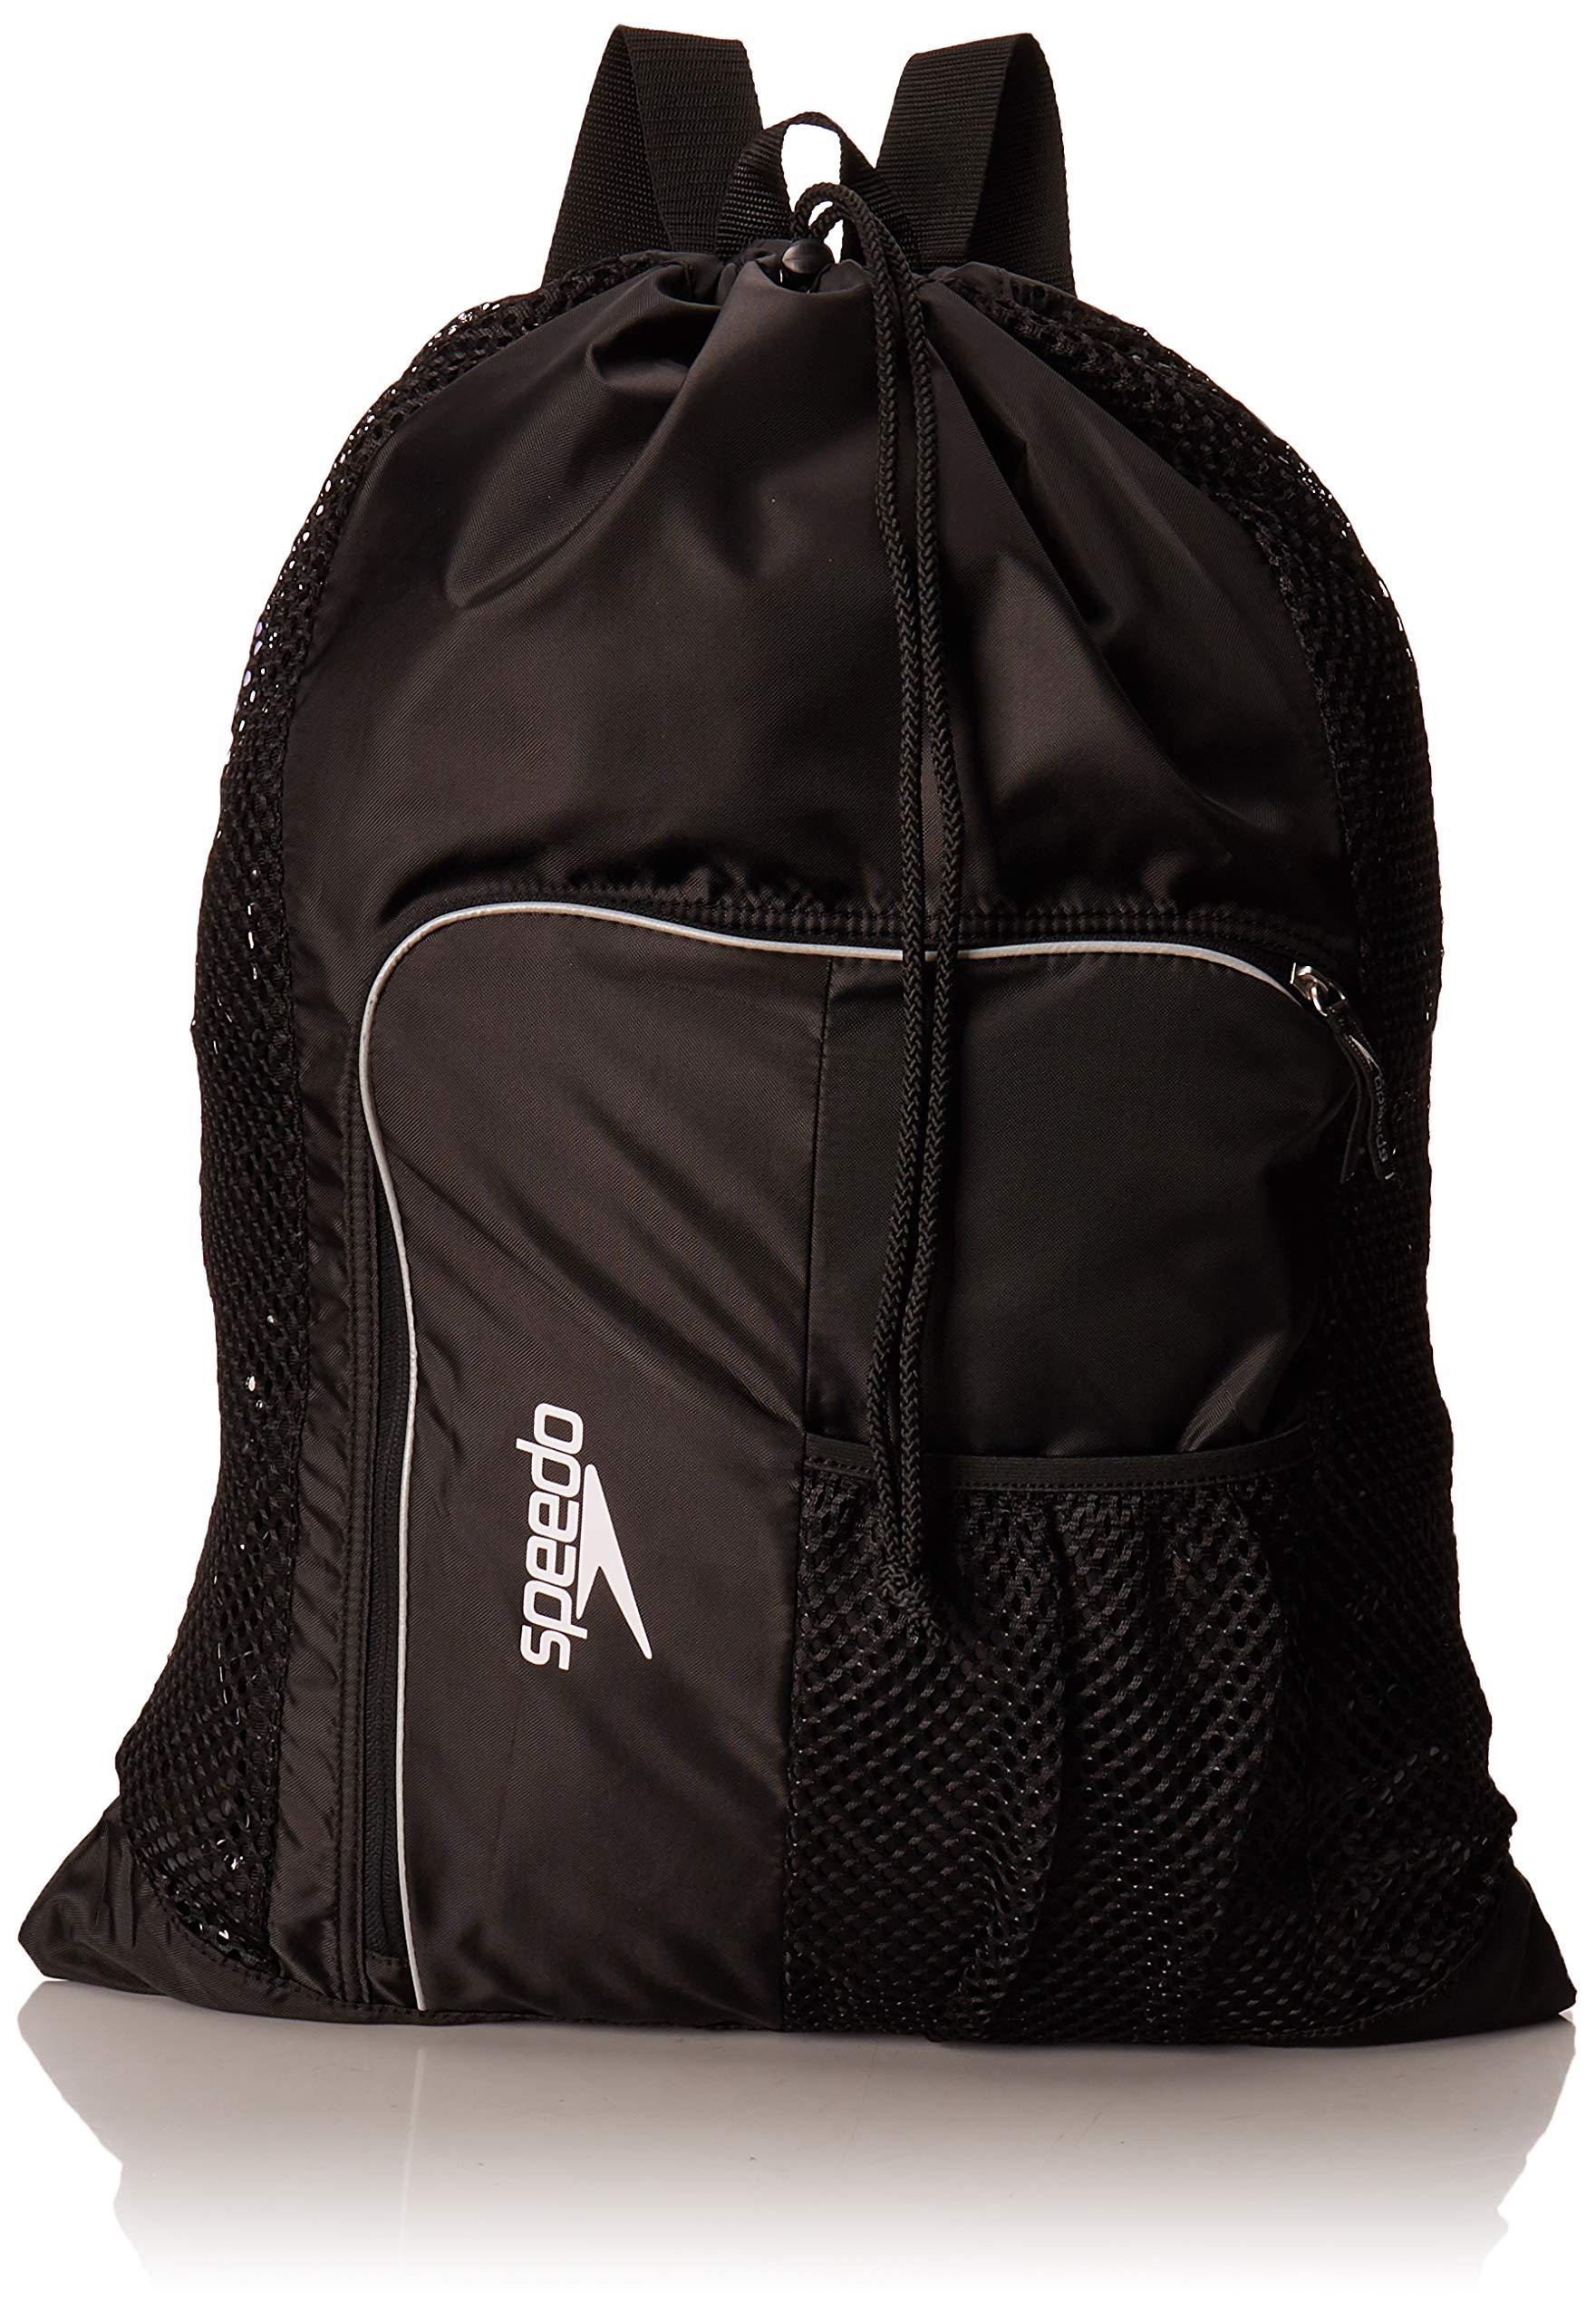 Speedo Deluxe Ventilator Mesh Equipment Bag, Black, 1SZ by Speedo